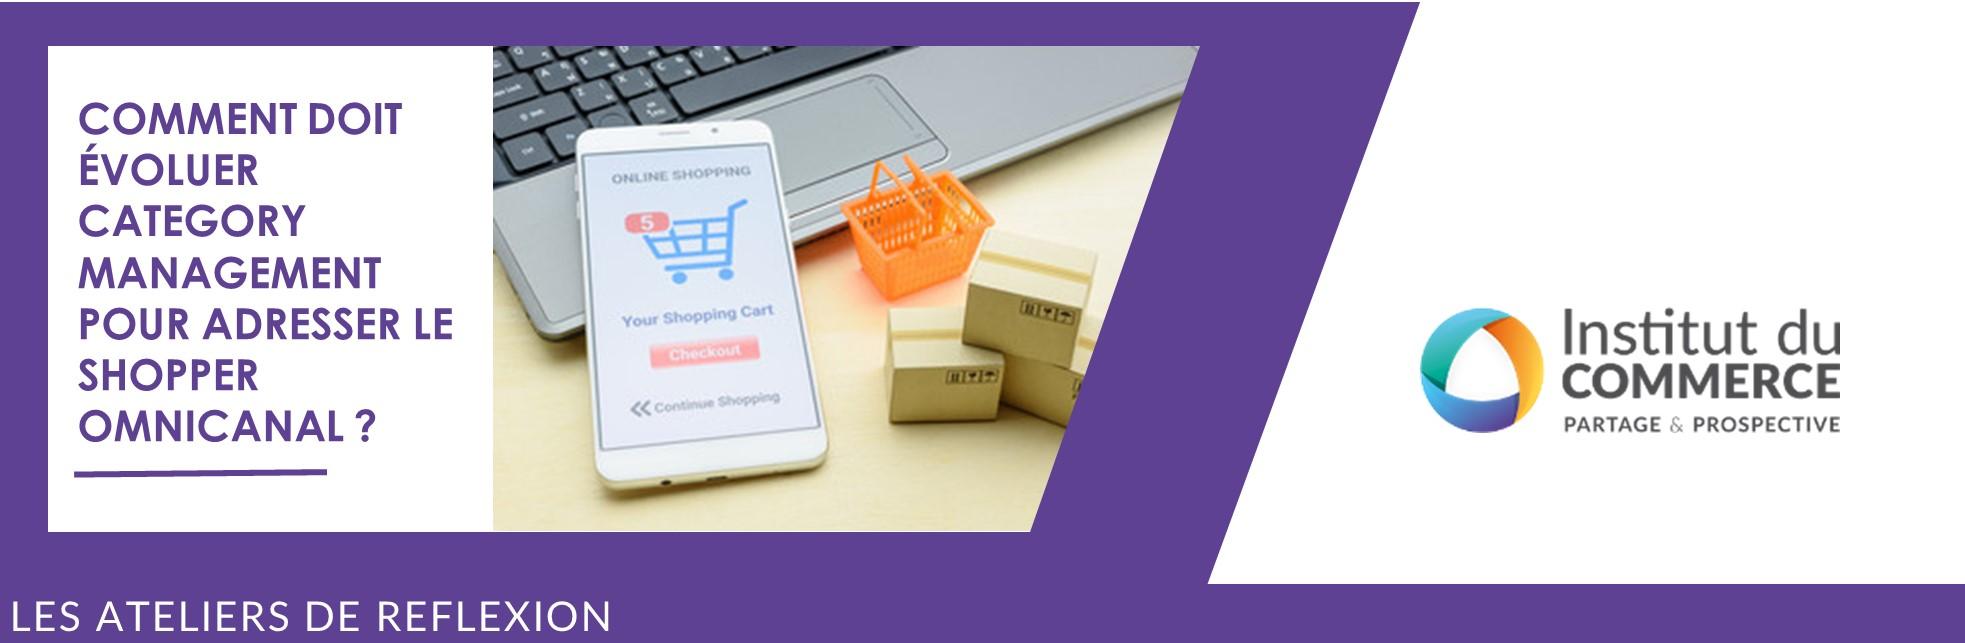 Comment doit évoluer le category management pour adresser le shopper omnicanal?